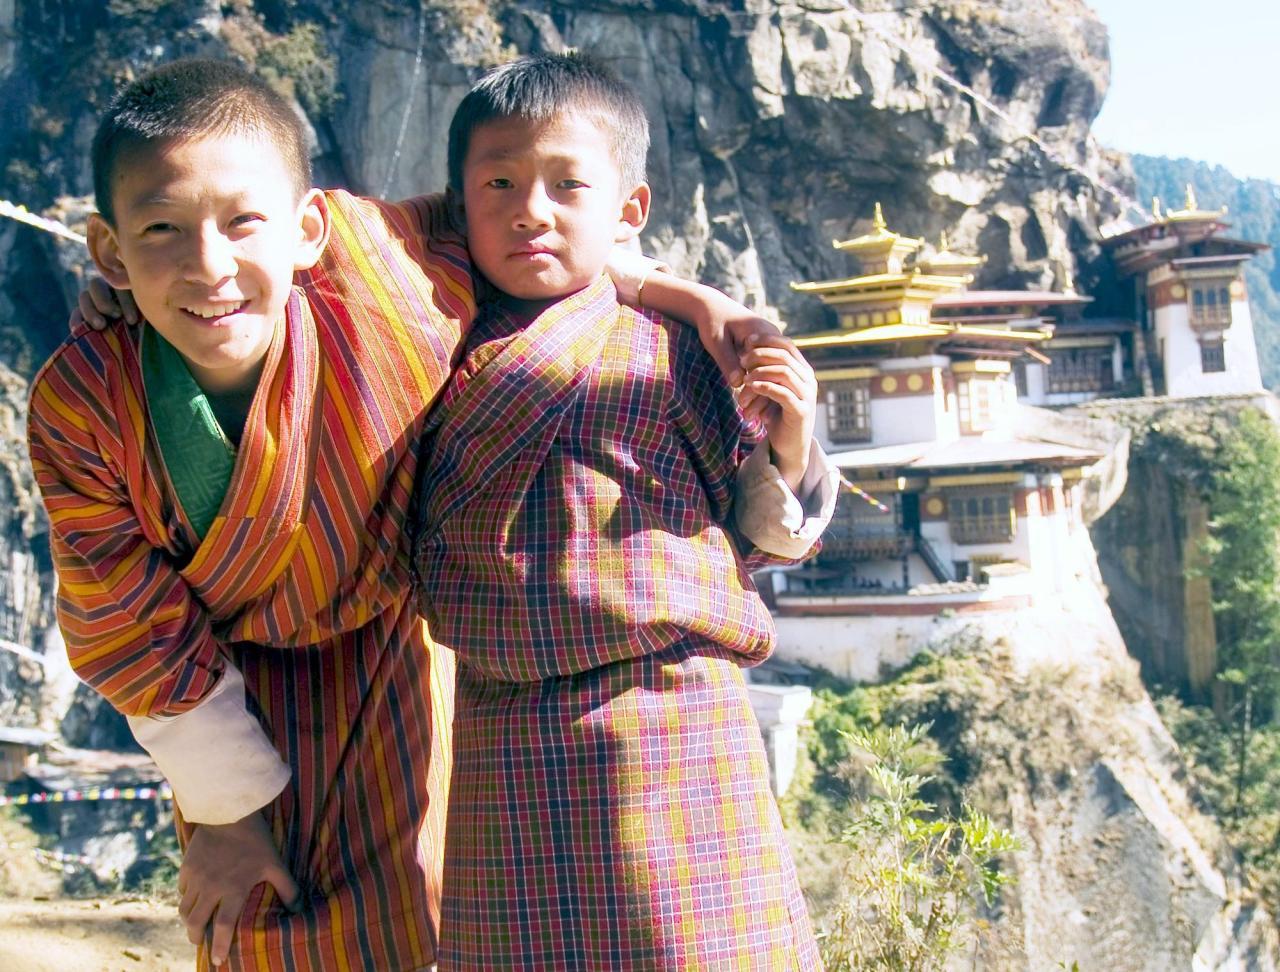 Boys_at_taktsang_monastery